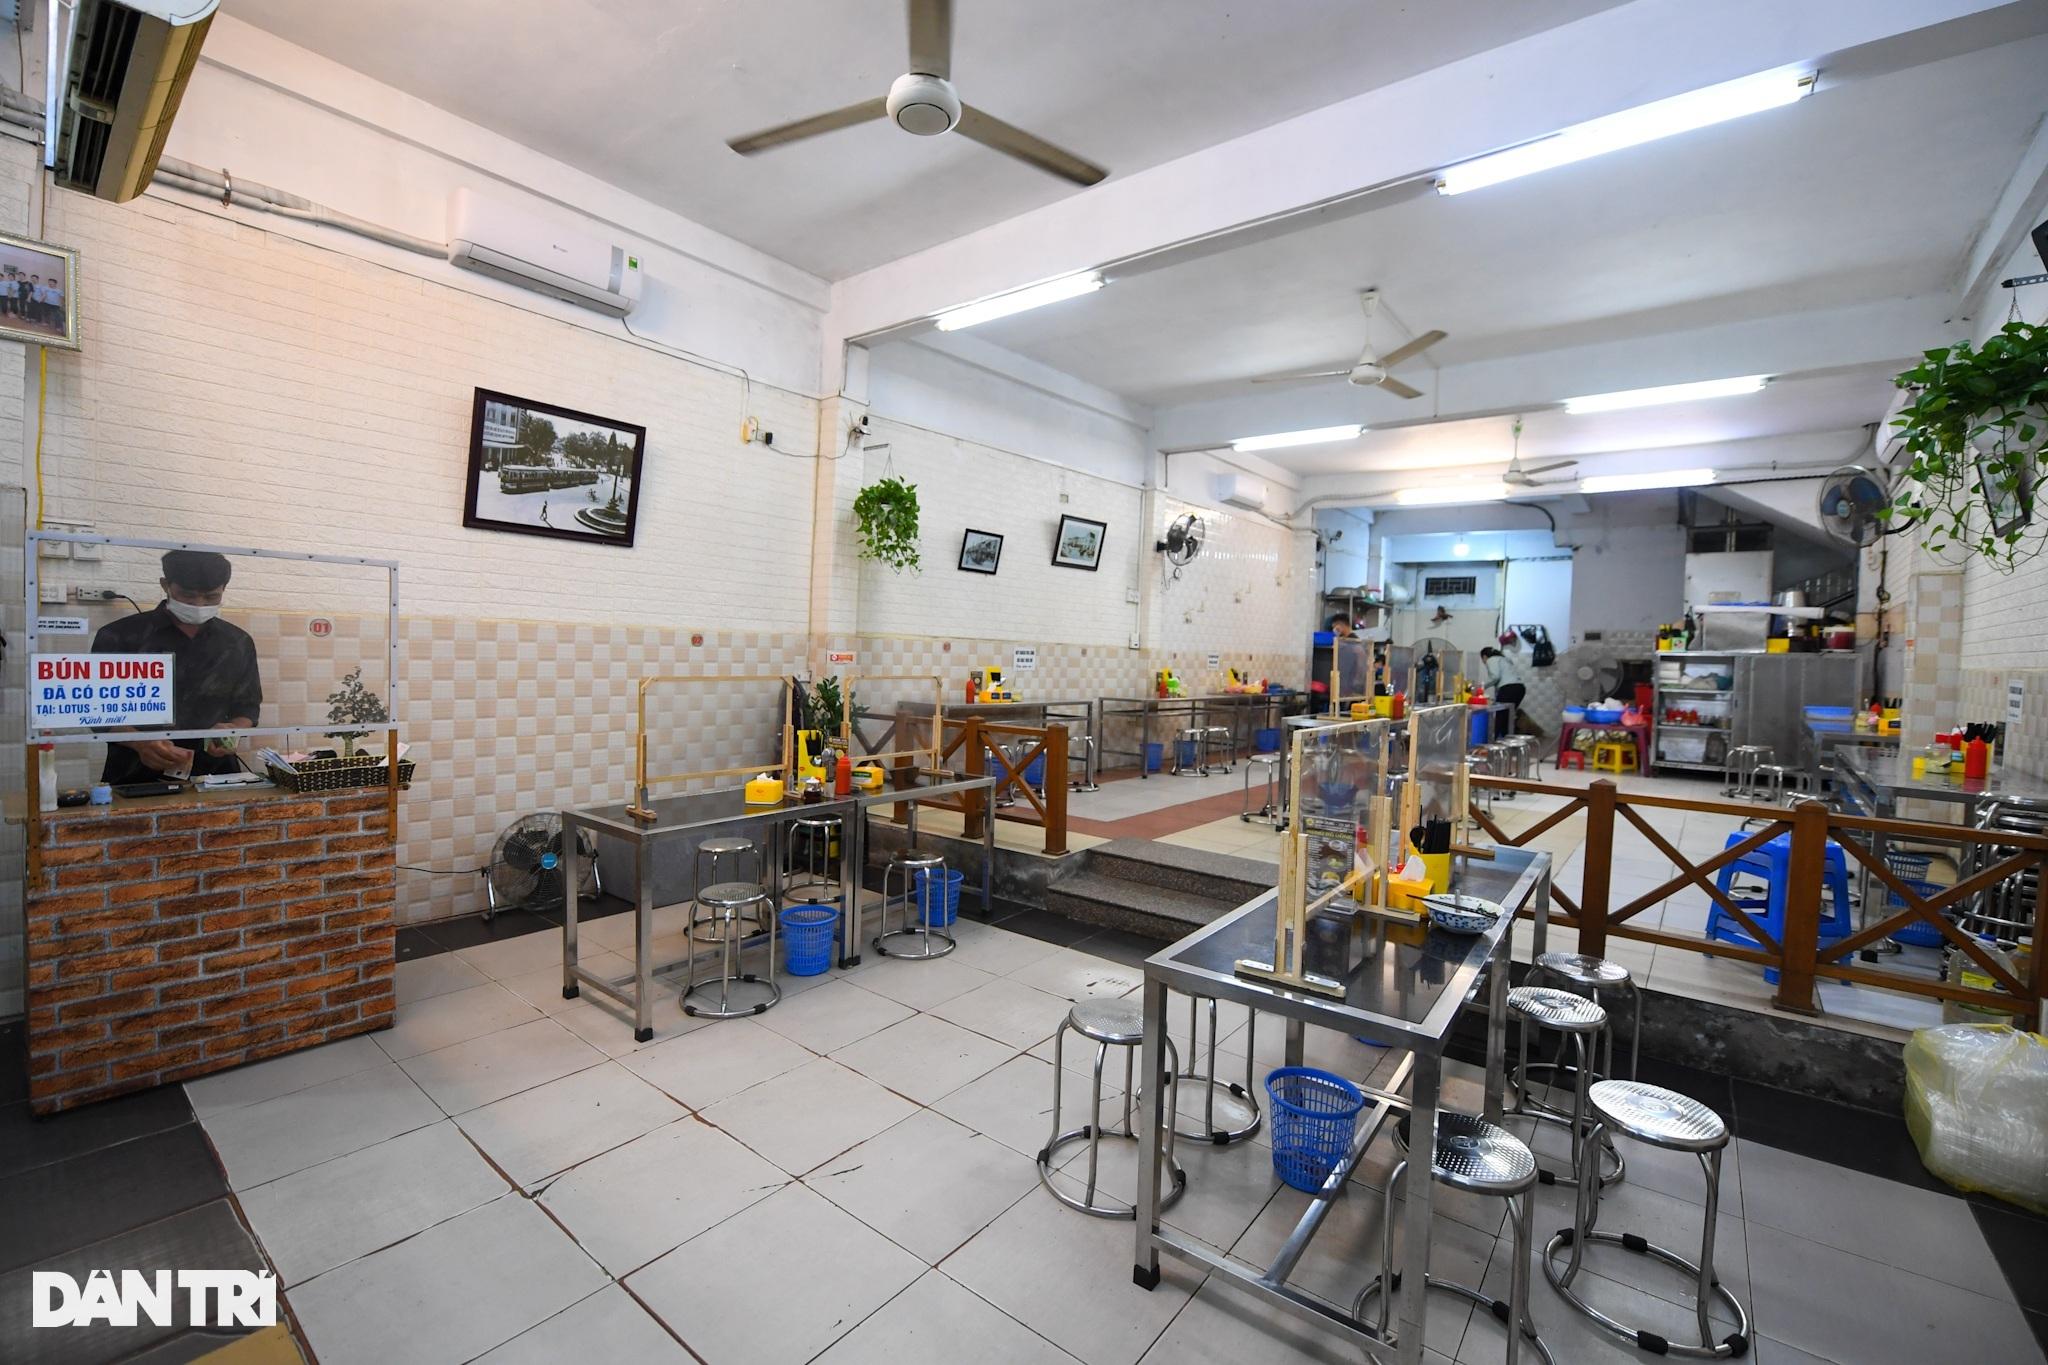 Hàng ăn, quán cafe tấp nập trong ngày đầu phục vụ khách tại chỗ - 13